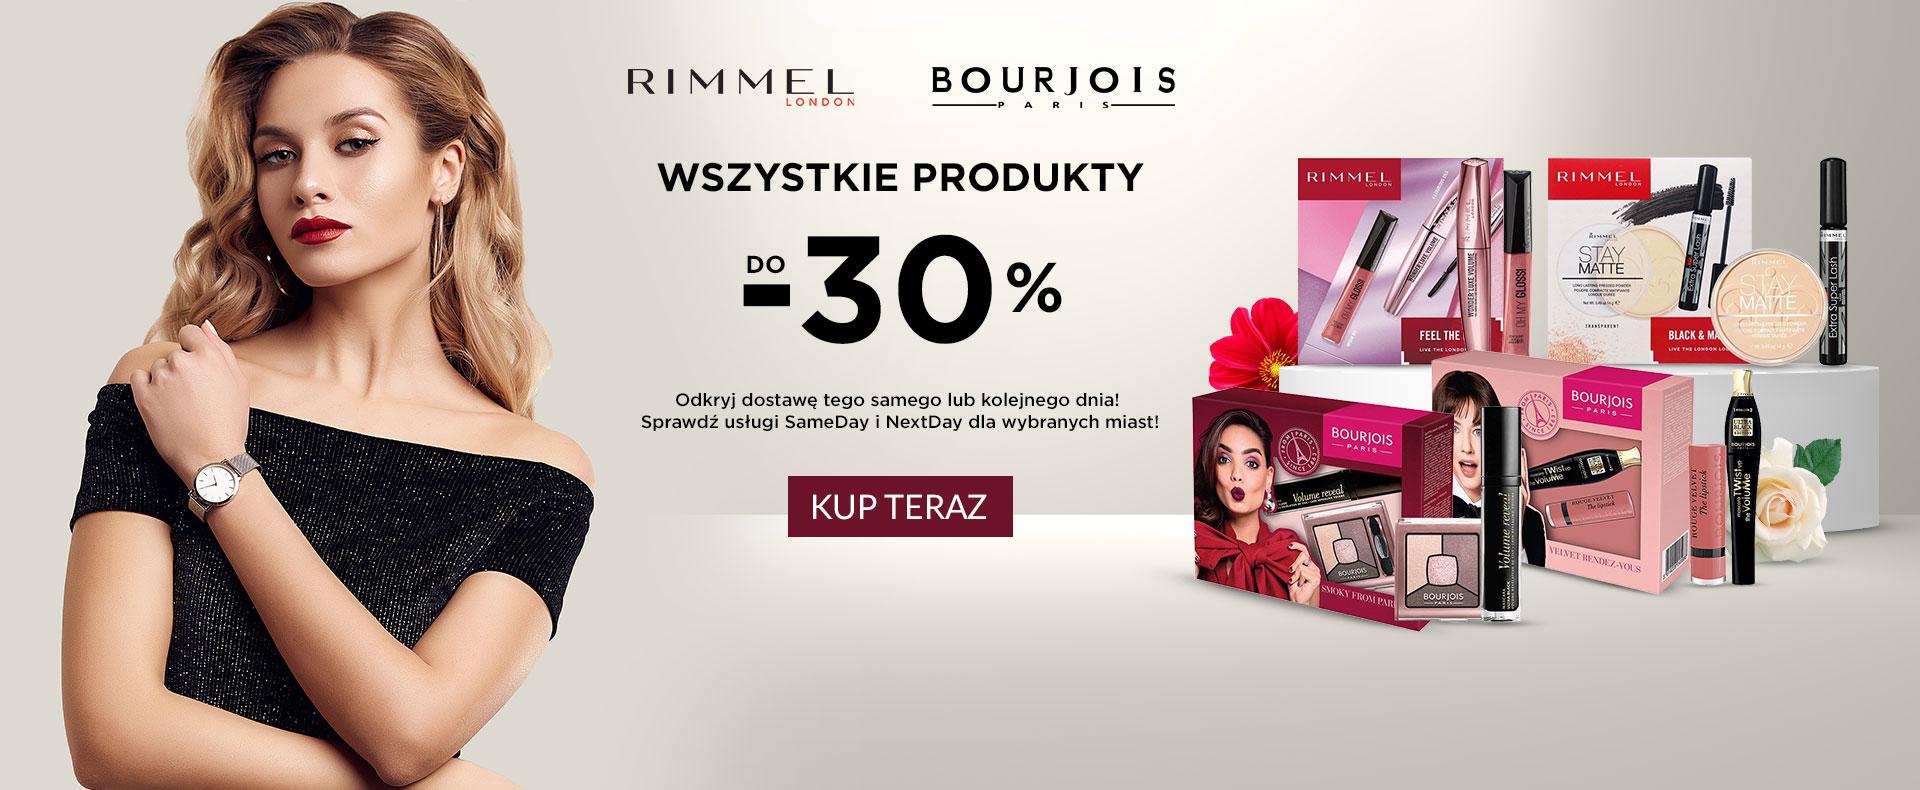 Ezebra Ezebra: do 30% rabatu na wszystkie produkty marek Rimmel London oraz Bourjois Paris